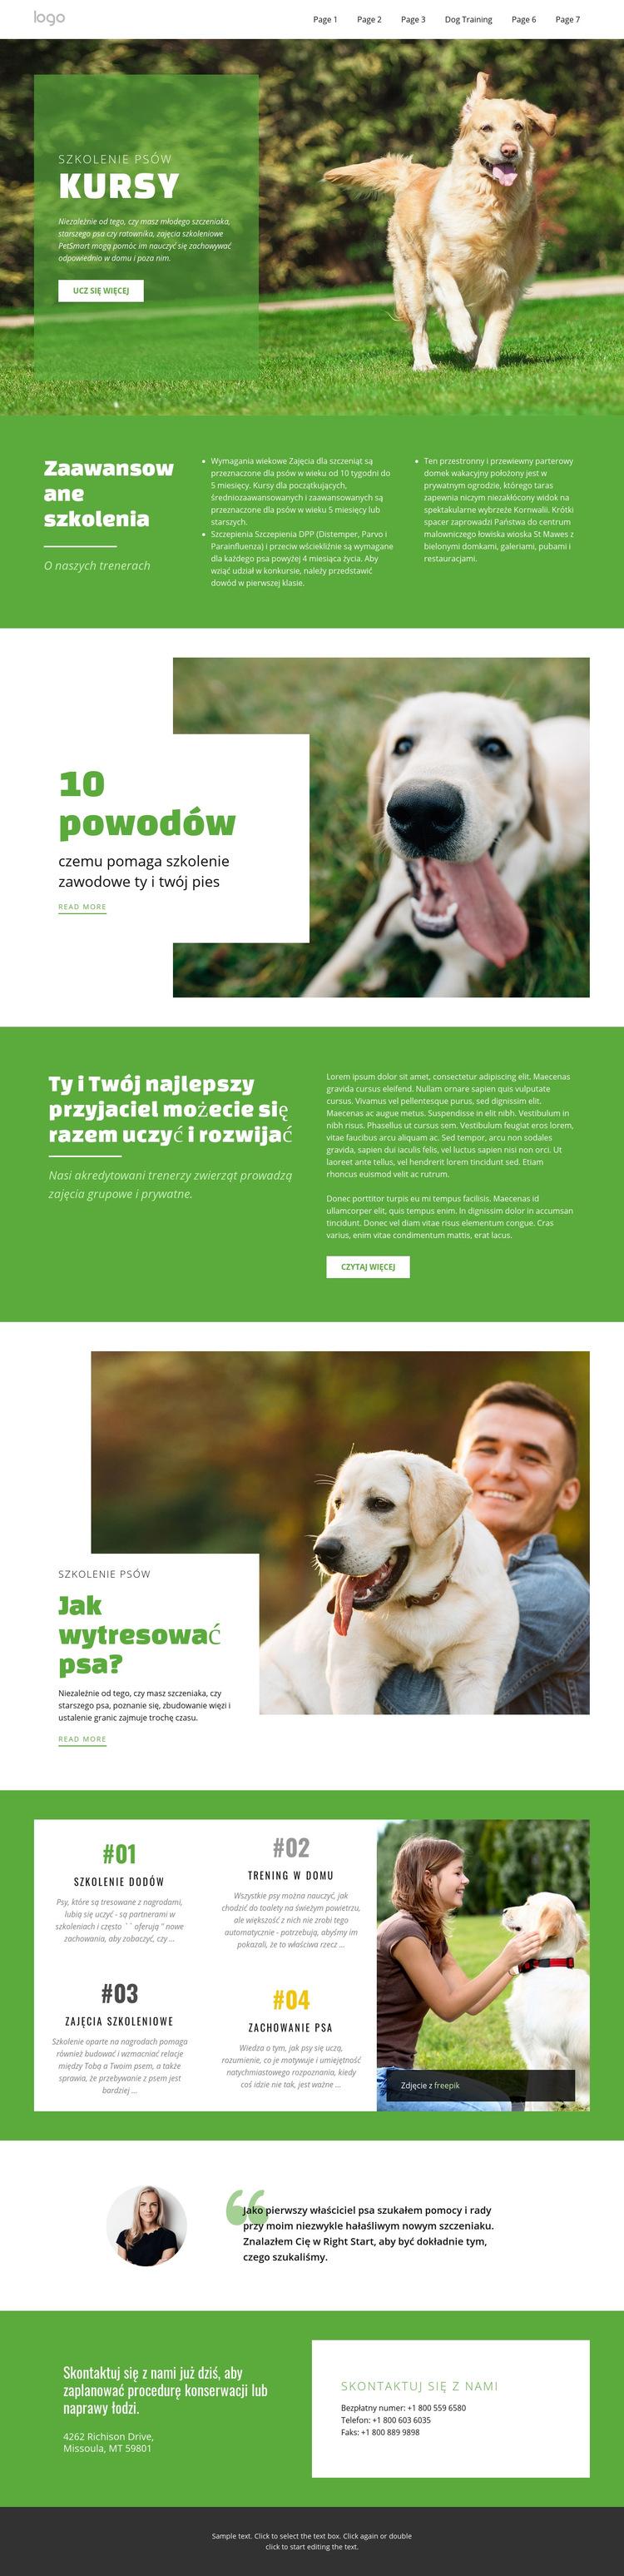 Kursy szkoleniowe dla zwierząt domowych Szablon witryny sieci Web